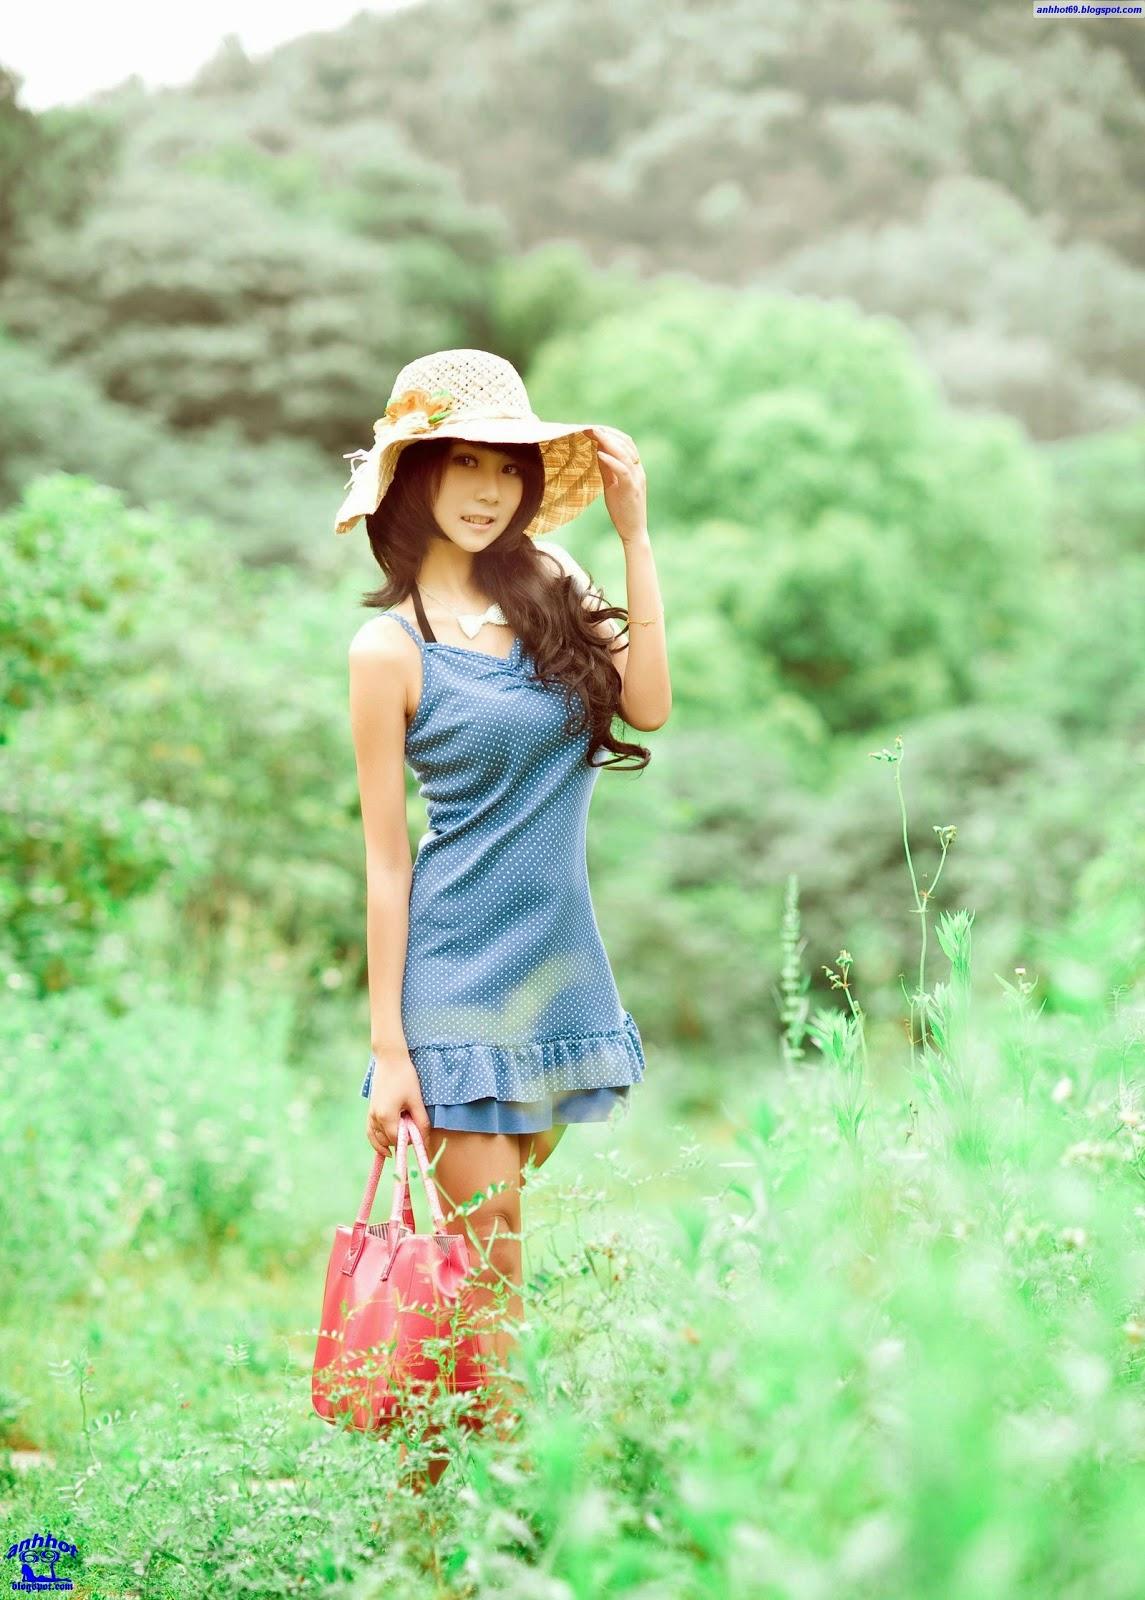 Vivi_Xia_Xiaowei_5247515_201307102031480648